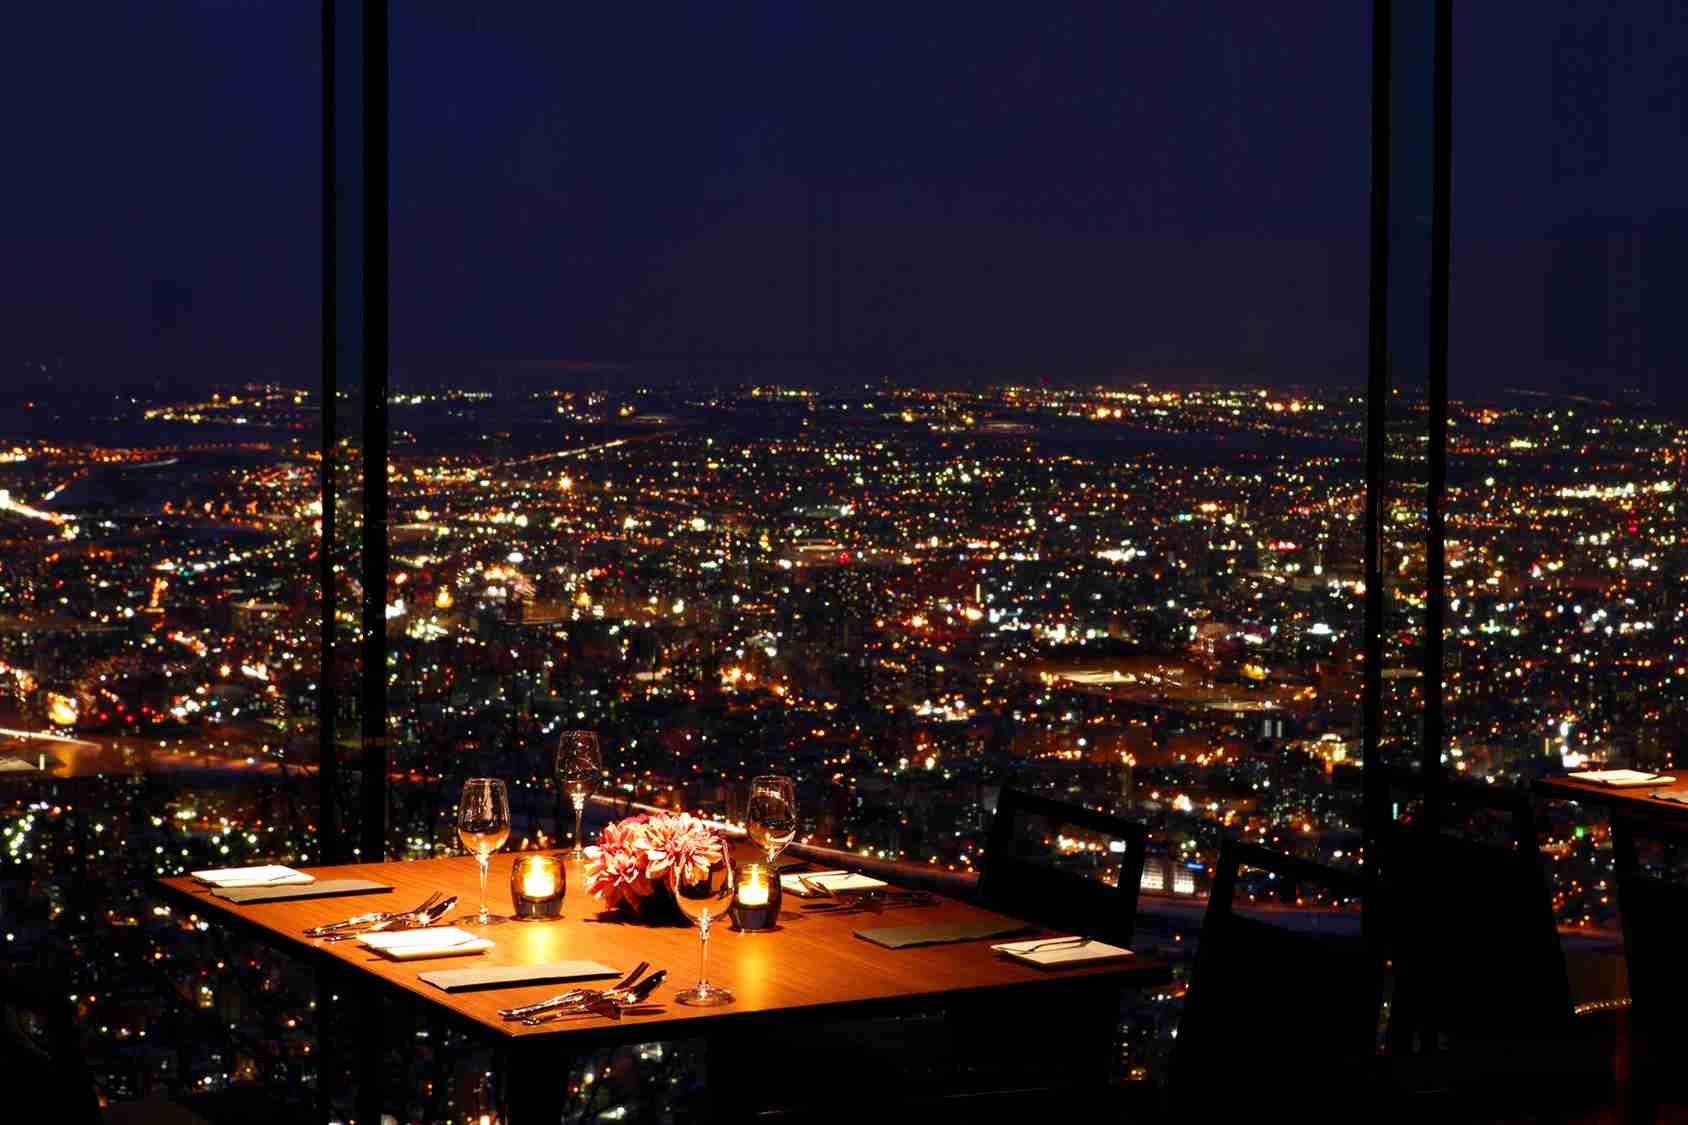 ロマンチックな場所・場面が苦手な方いますか?